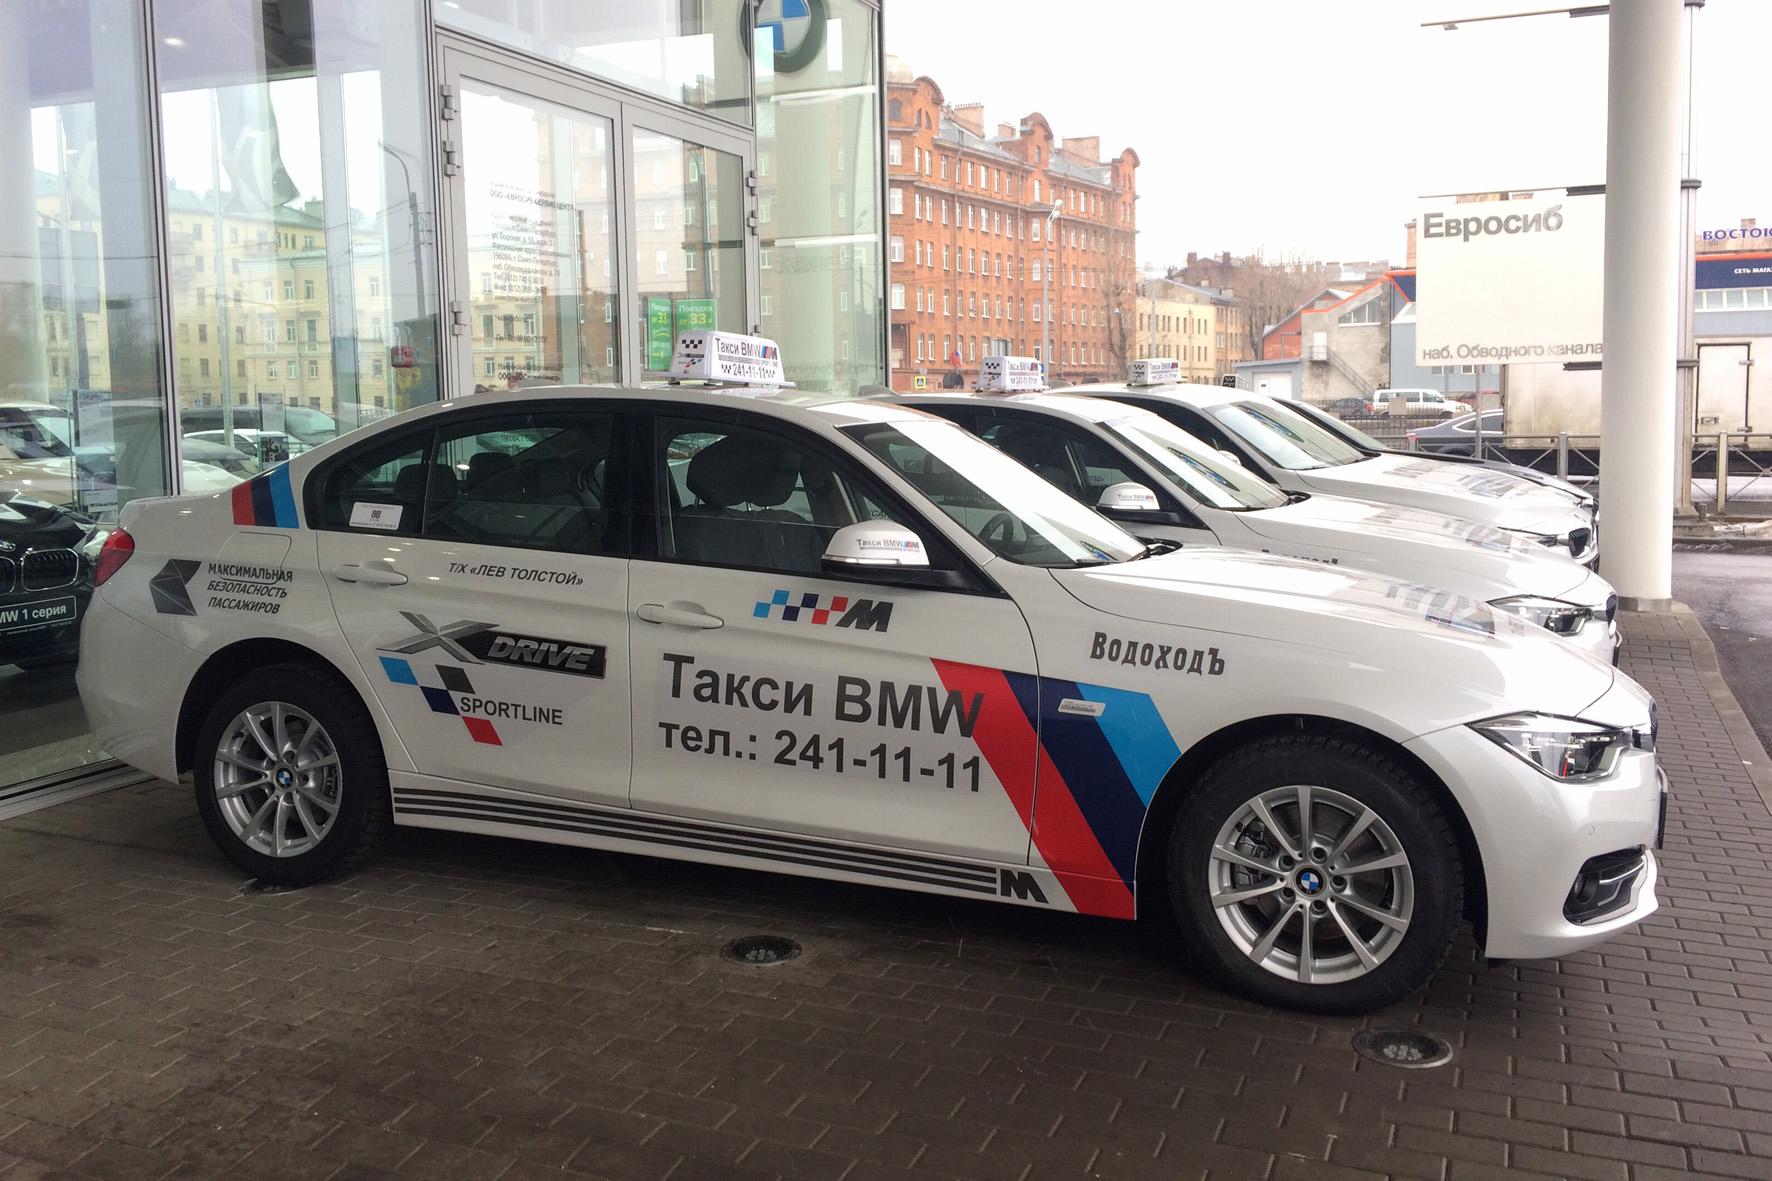 Такси BMW